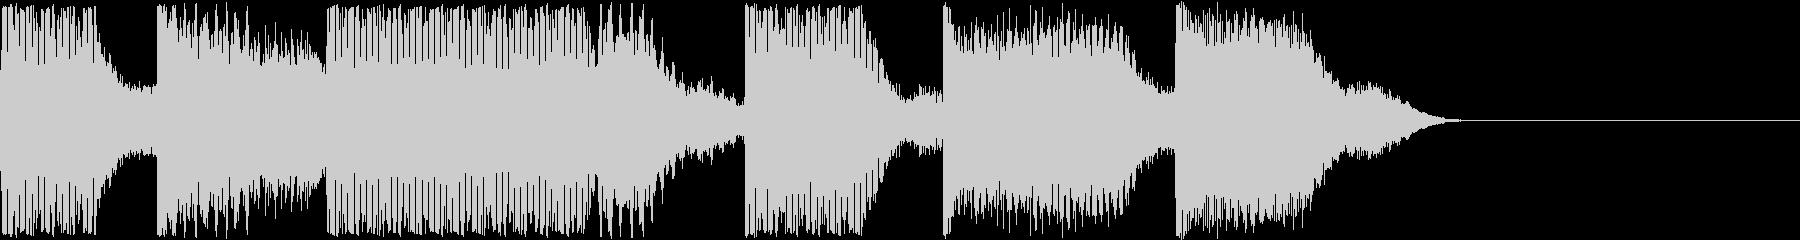 AI メカ/ロボ/マシン動作音 26の未再生の波形